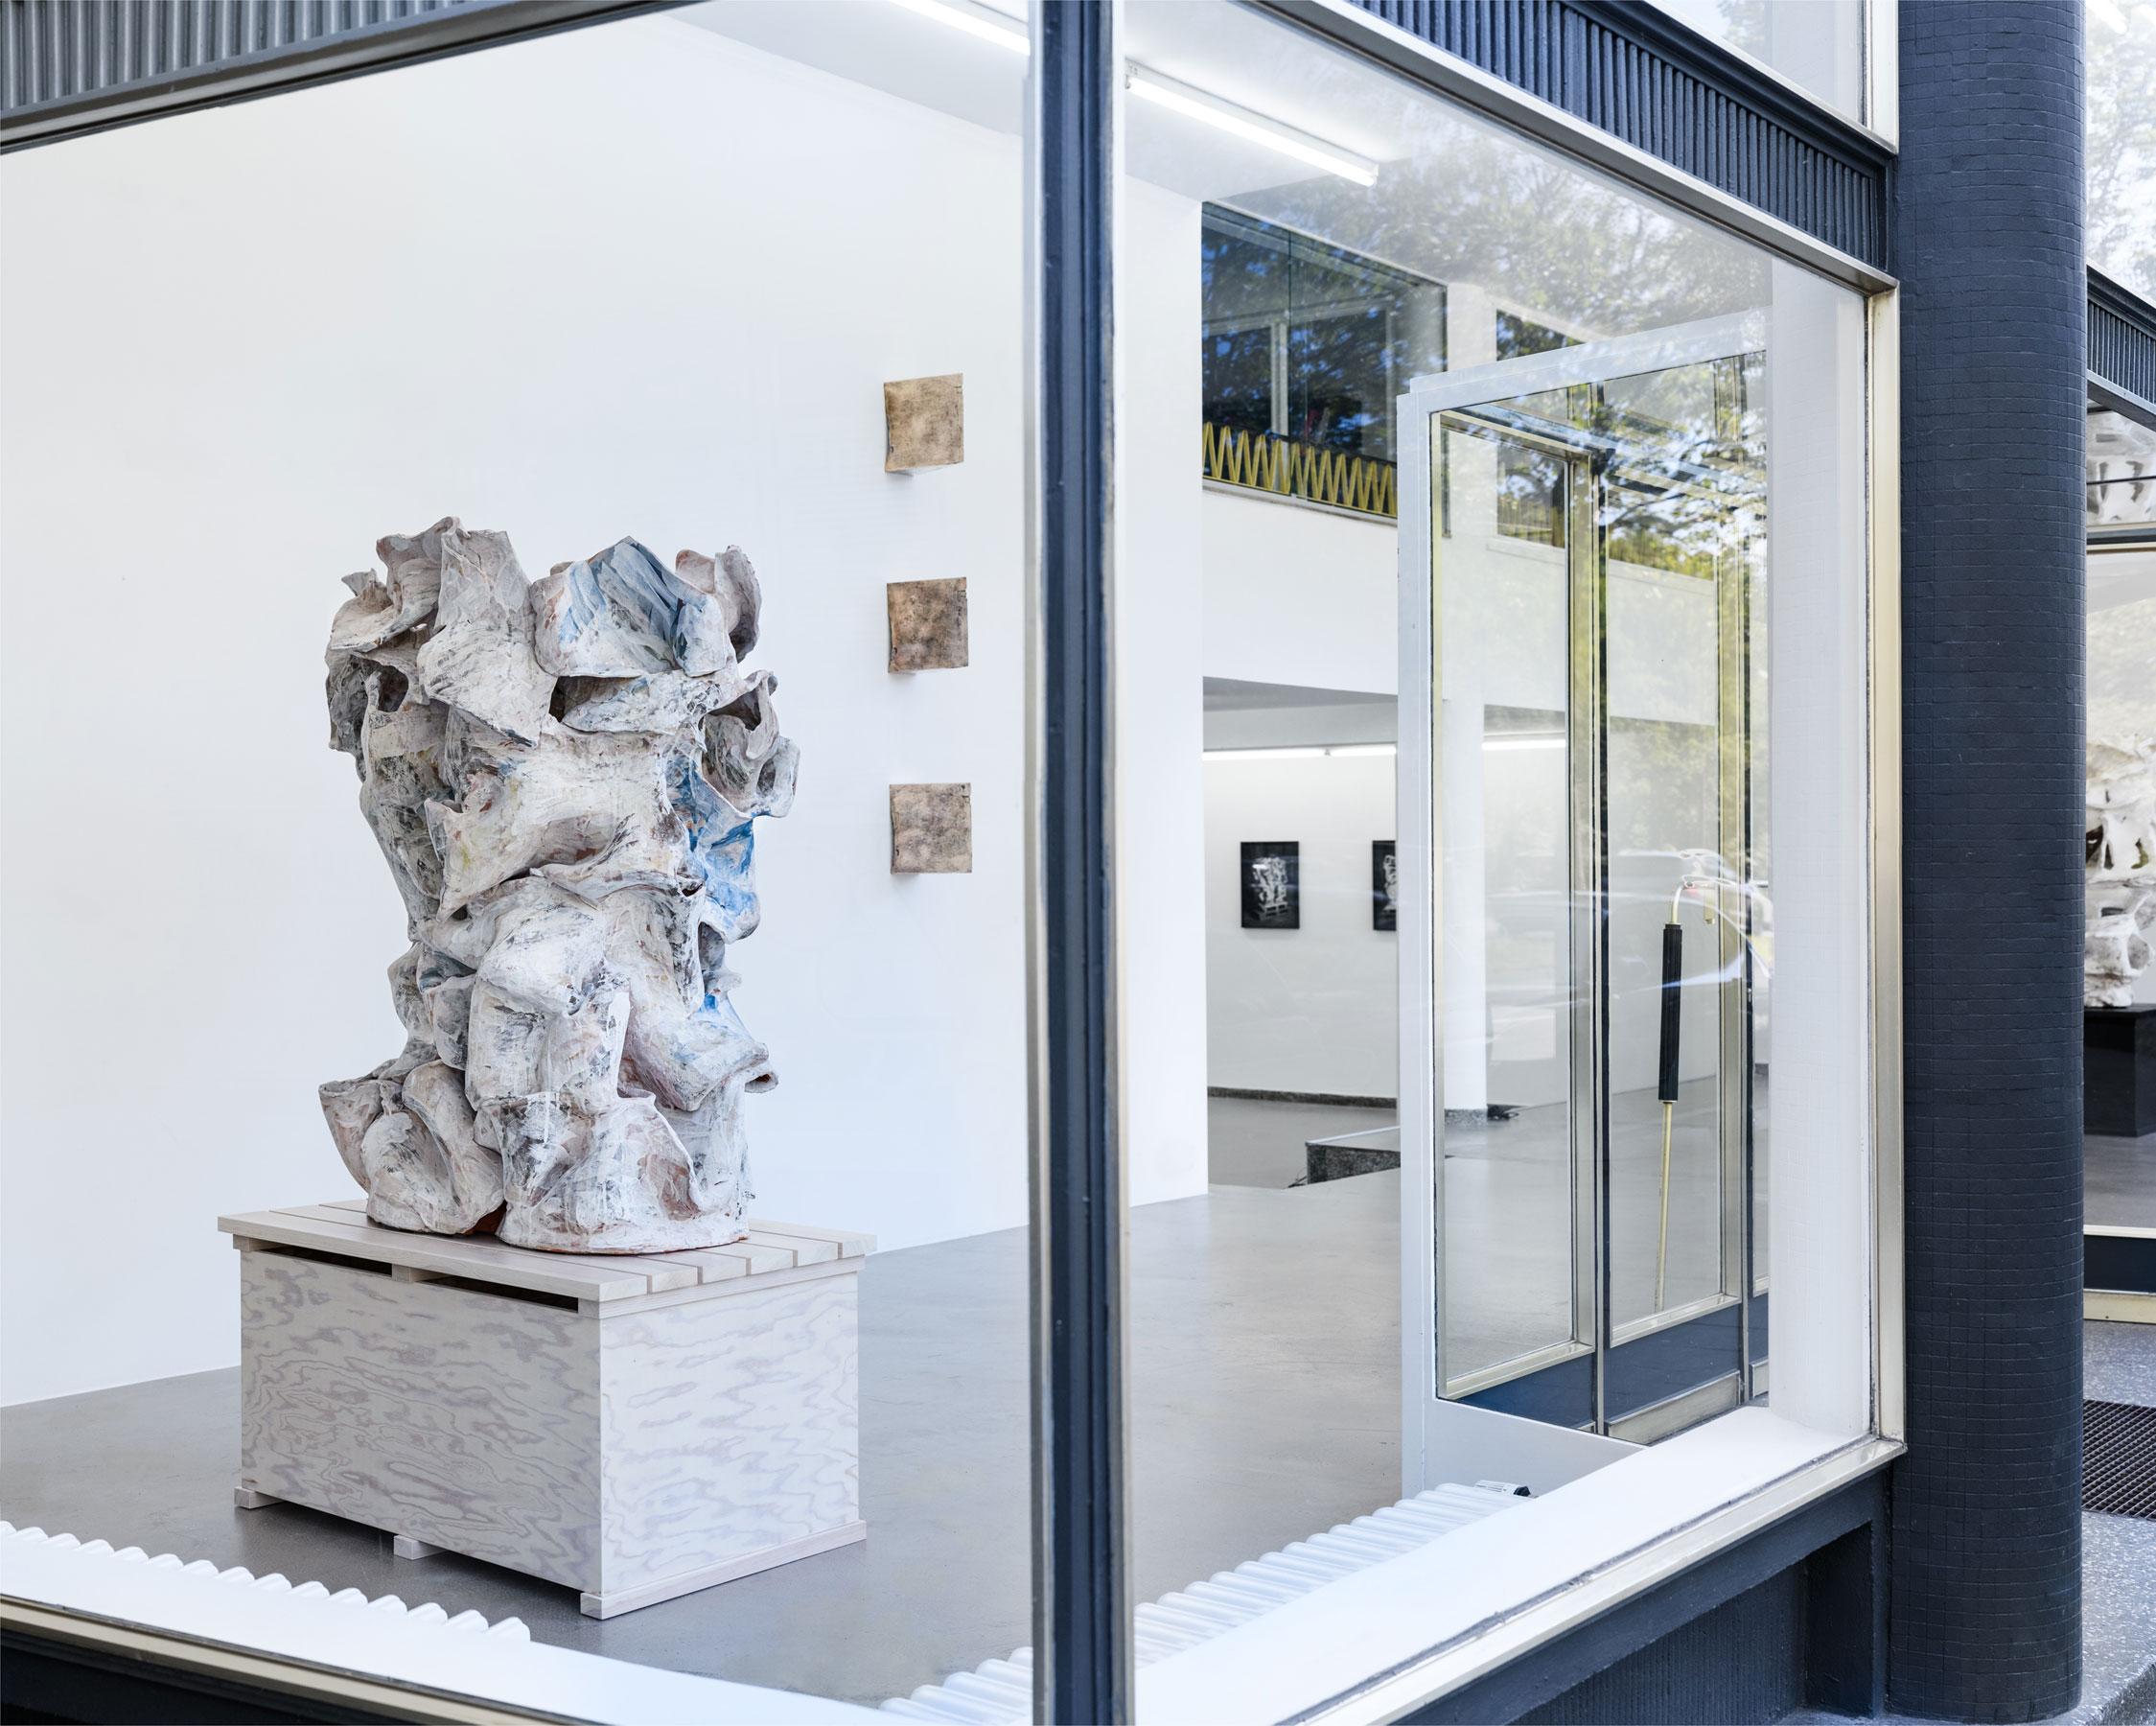 Von-allen-Seiten_Karweick_Moritz_Installation-view_2021_1